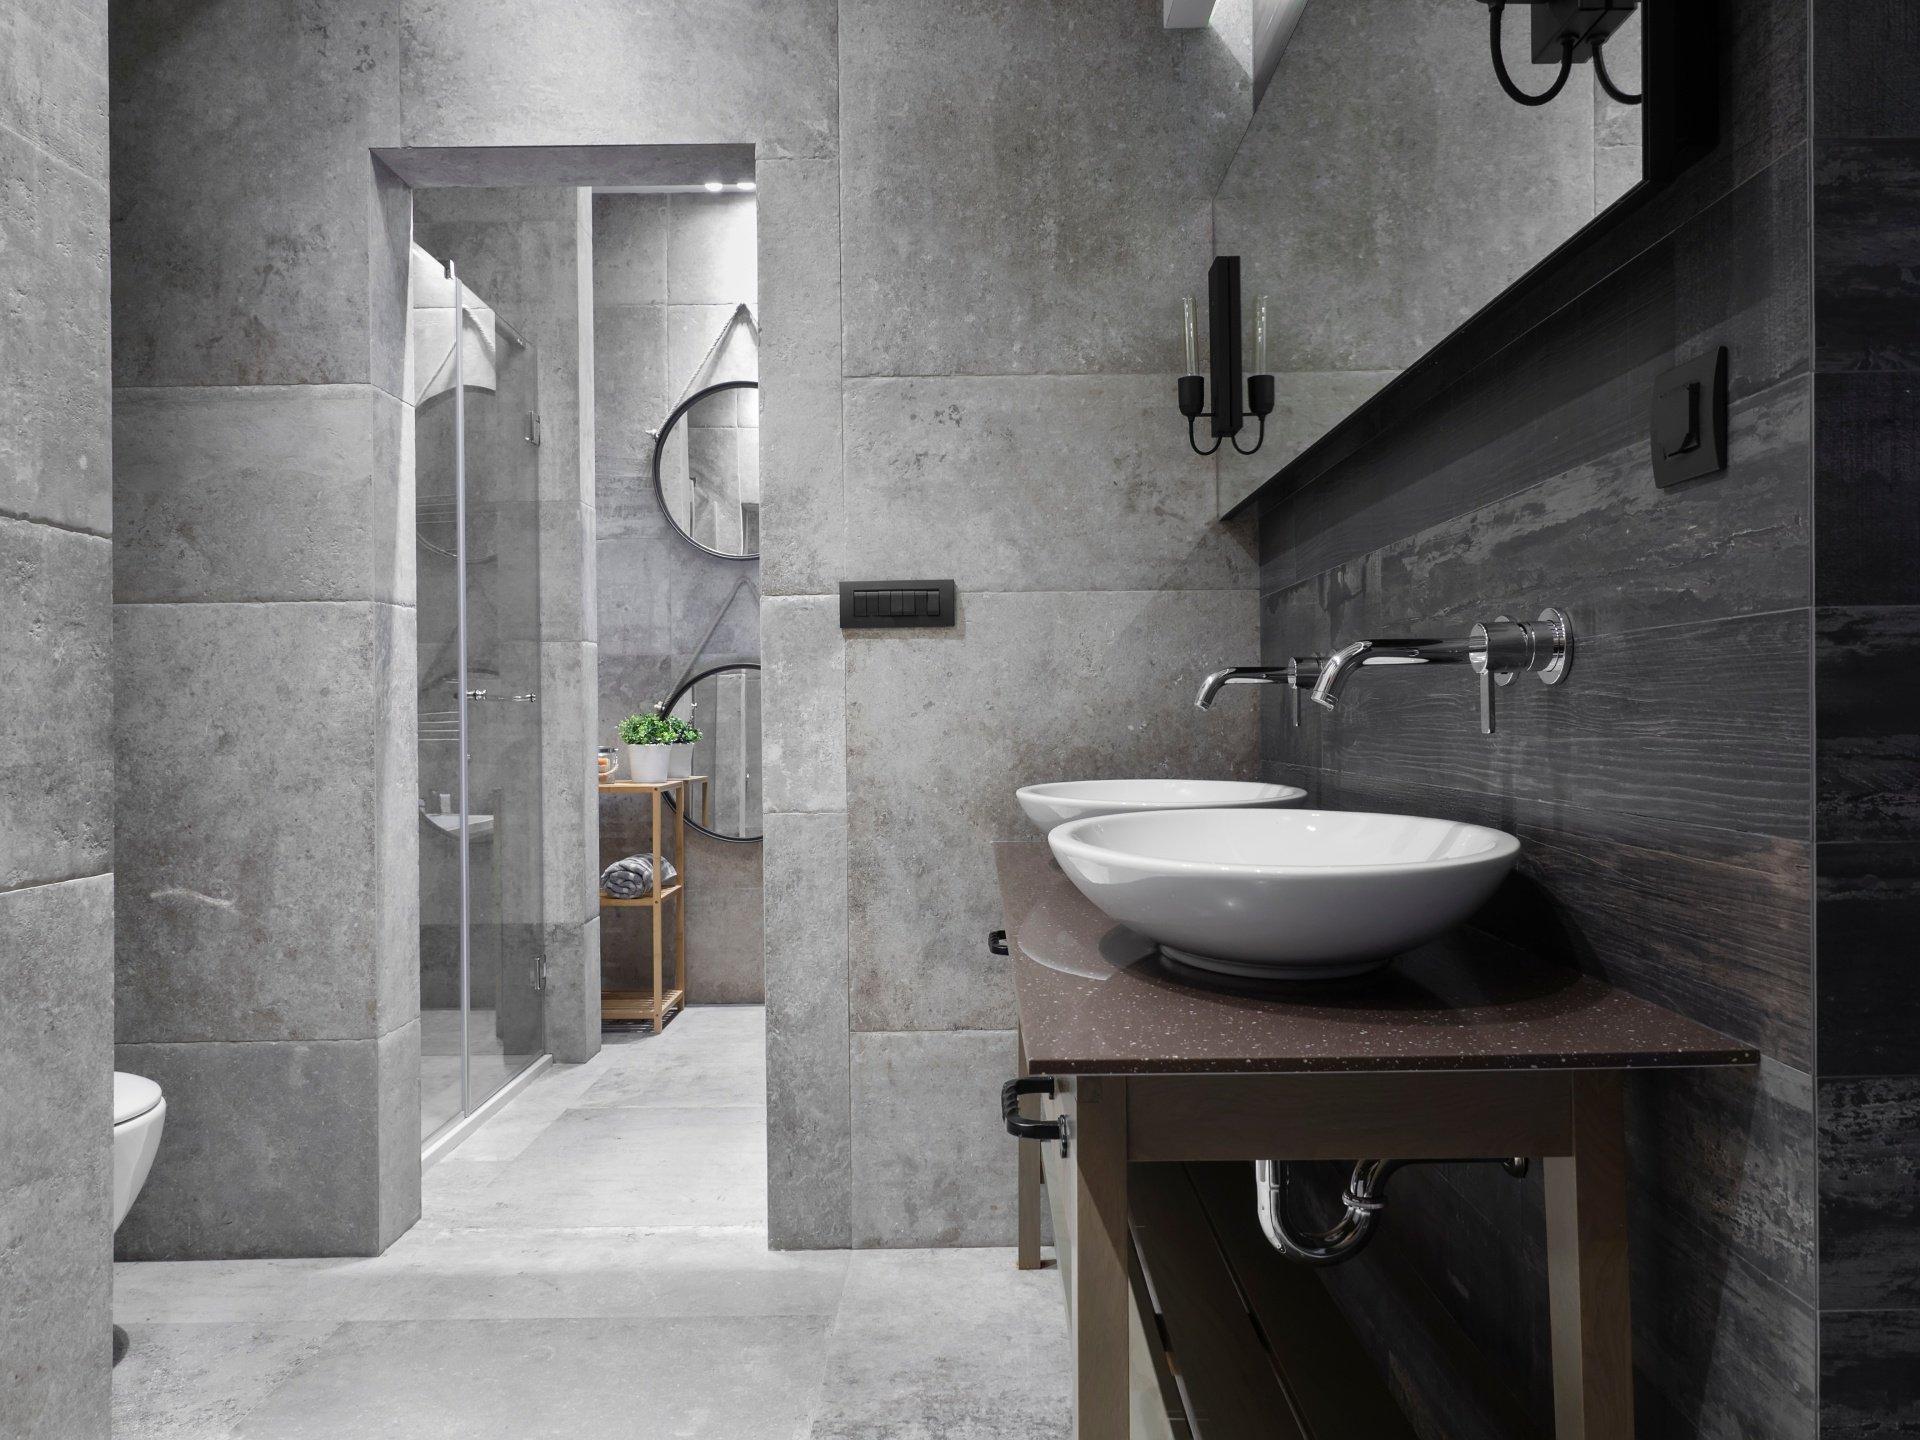 Idrosanitari casalecchio di reno bo bagno shopping - Showroom arredo bagno bologna ...